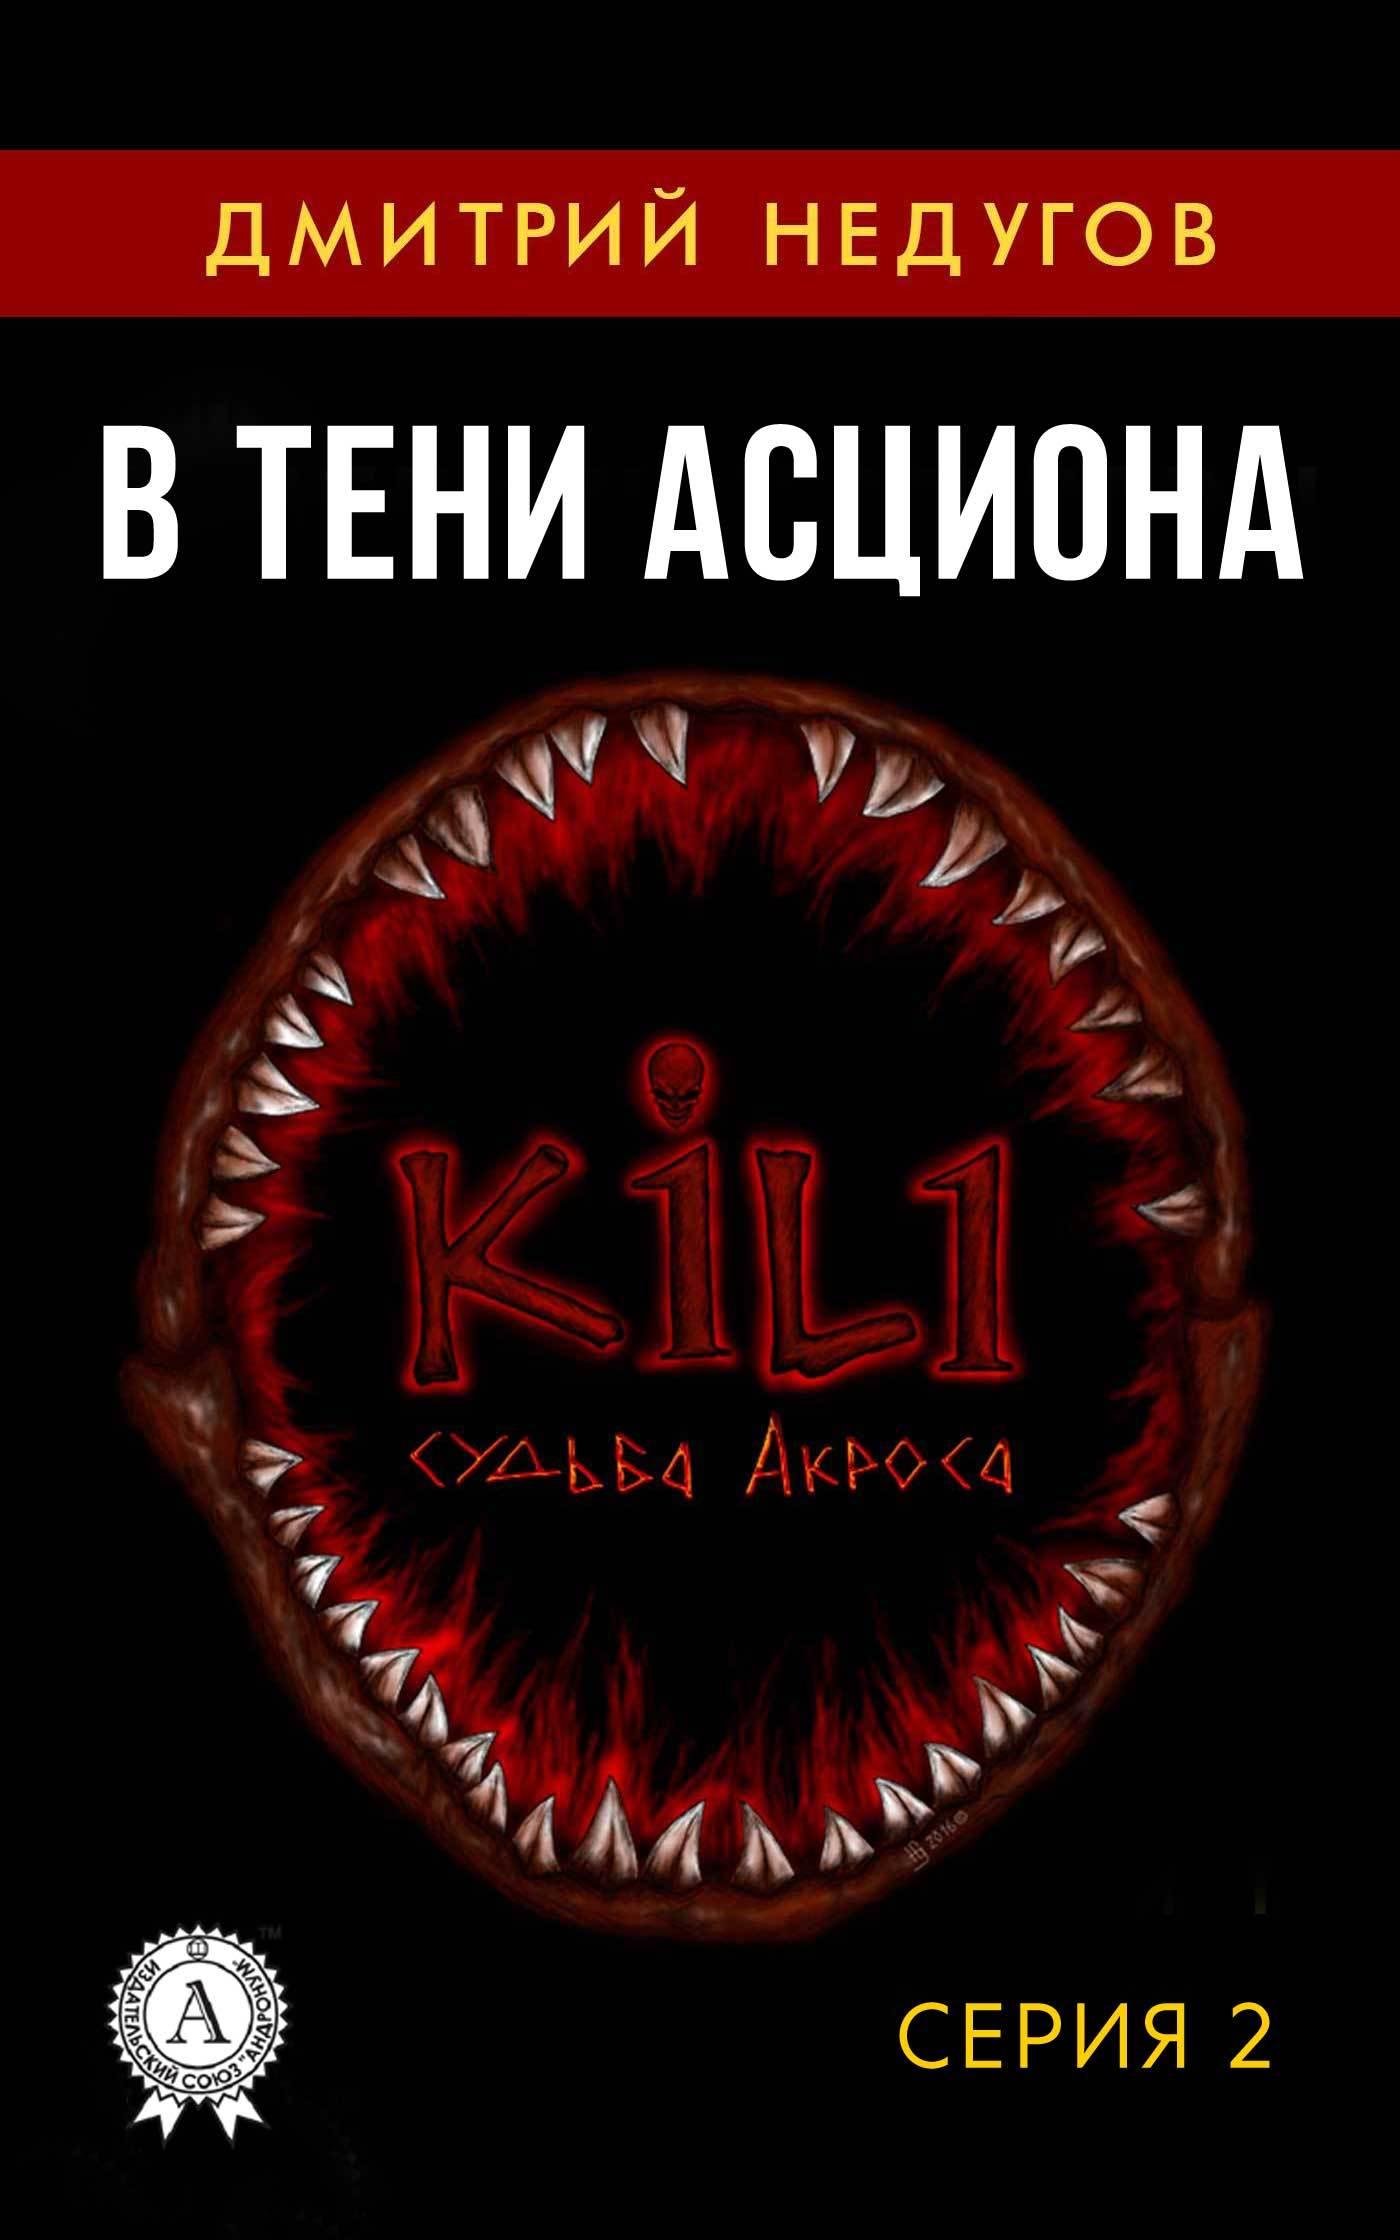 Дмитрий Недугов - В тени Асциона. Серия 2